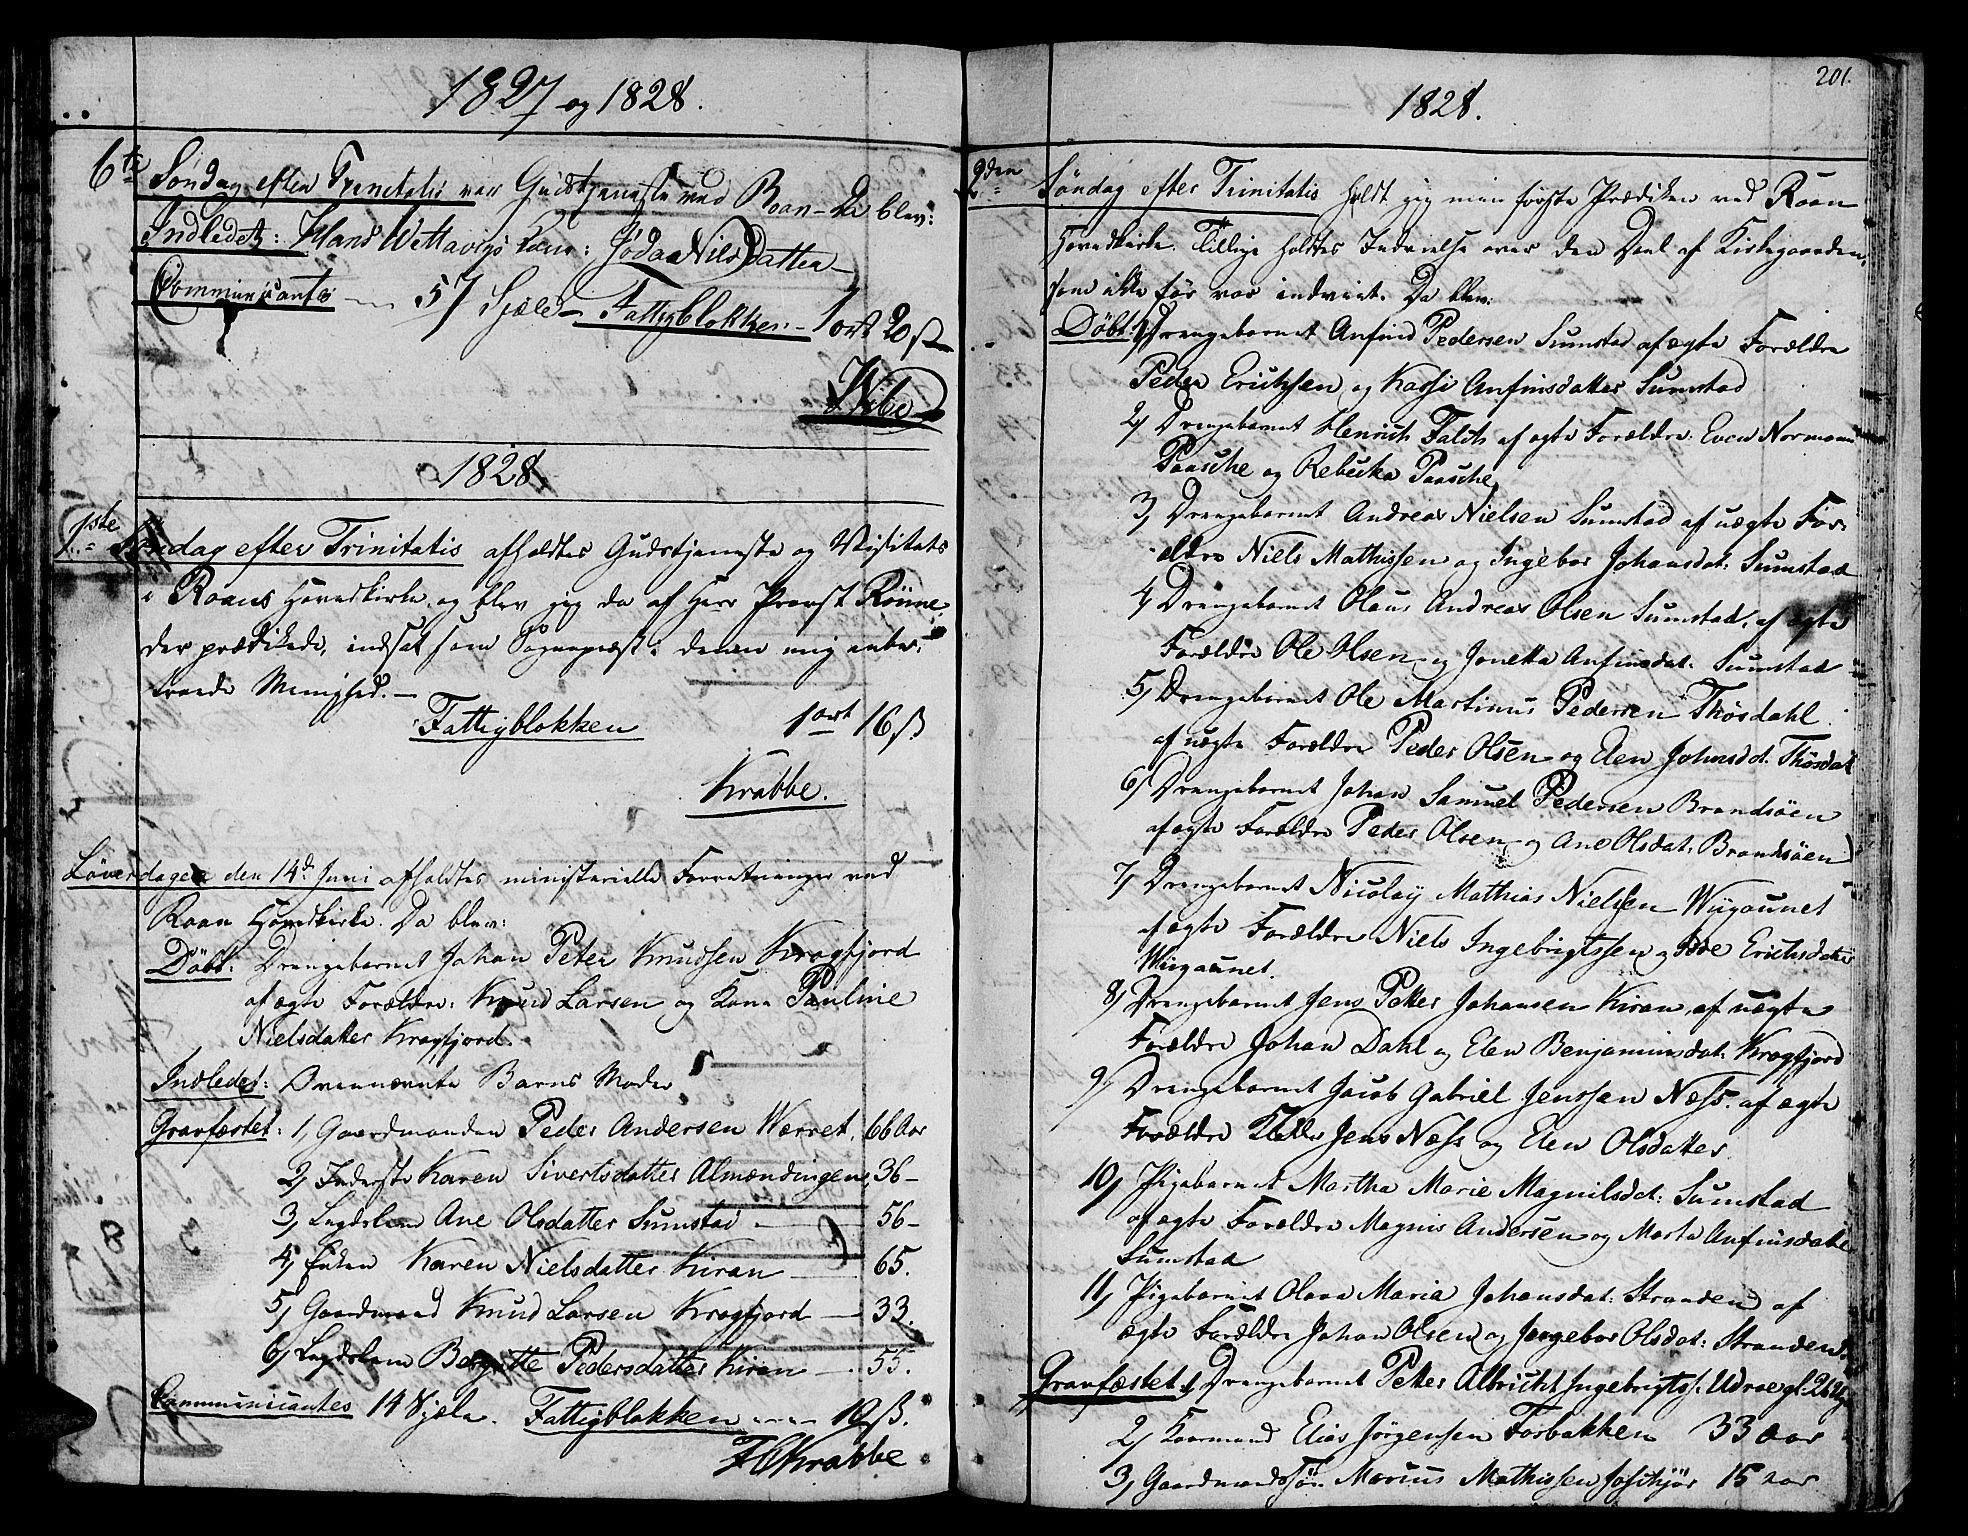 SAT, Ministerialprotokoller, klokkerbøker og fødselsregistre - Sør-Trøndelag, 657/L0701: Ministerialbok nr. 657A02, 1802-1831, s. 201